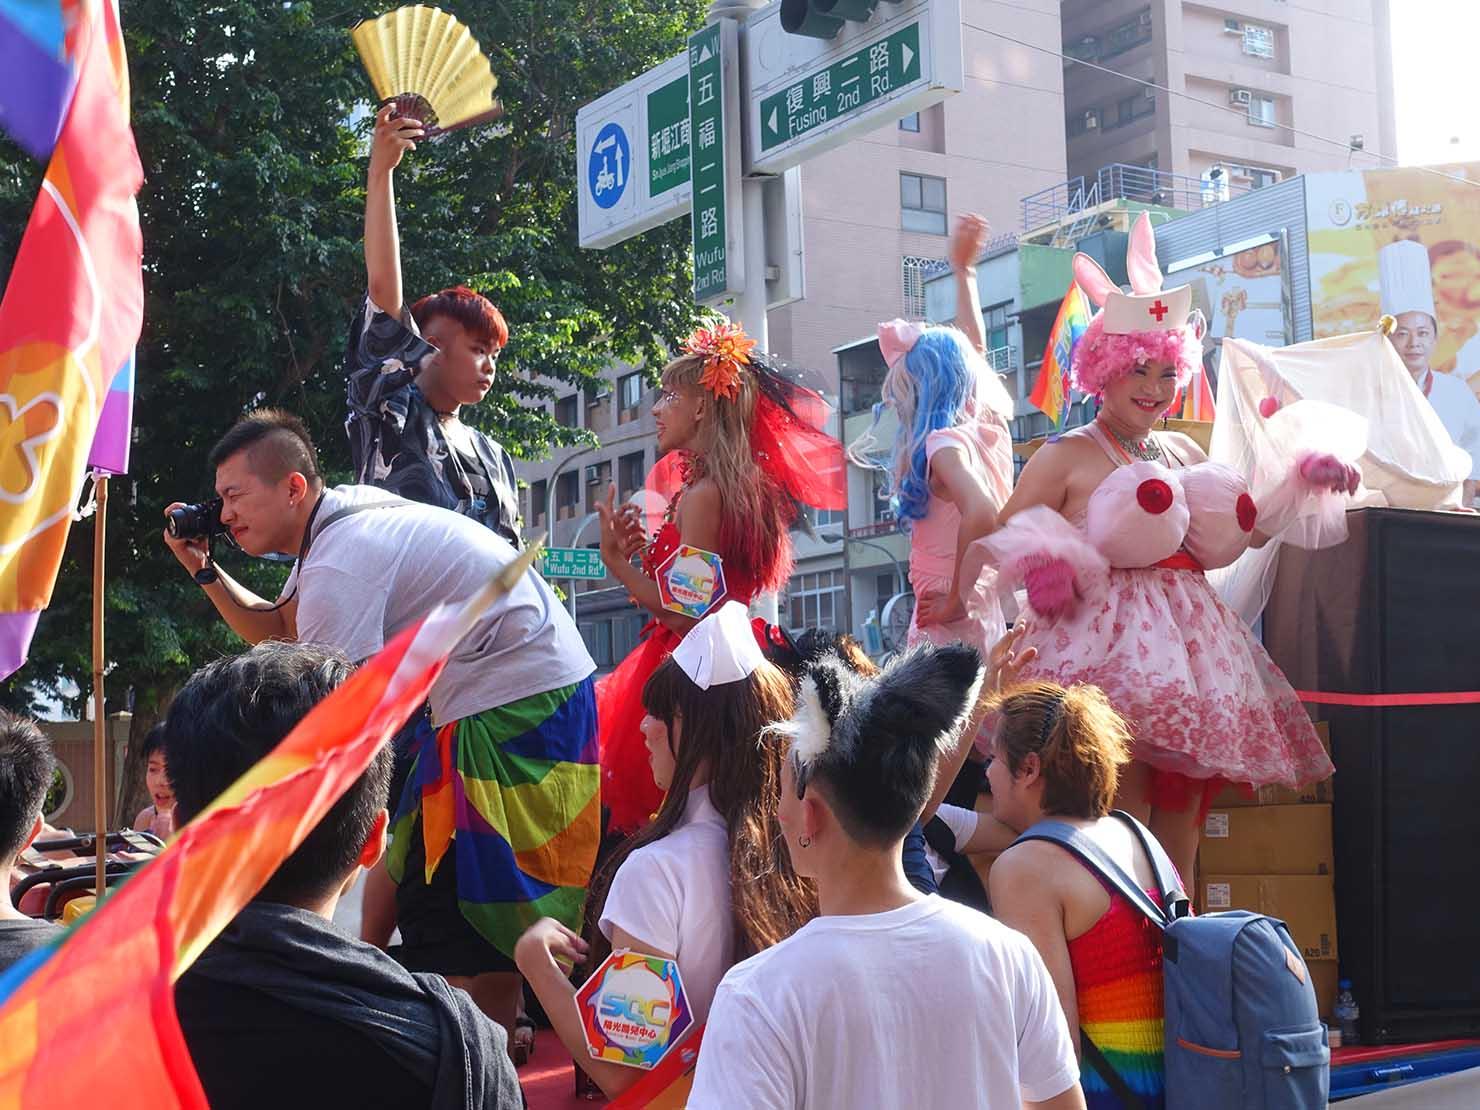 高雄同志大遊行(高雄レインボーパレード)2017のパレードカーでパフォーマンスするグループ